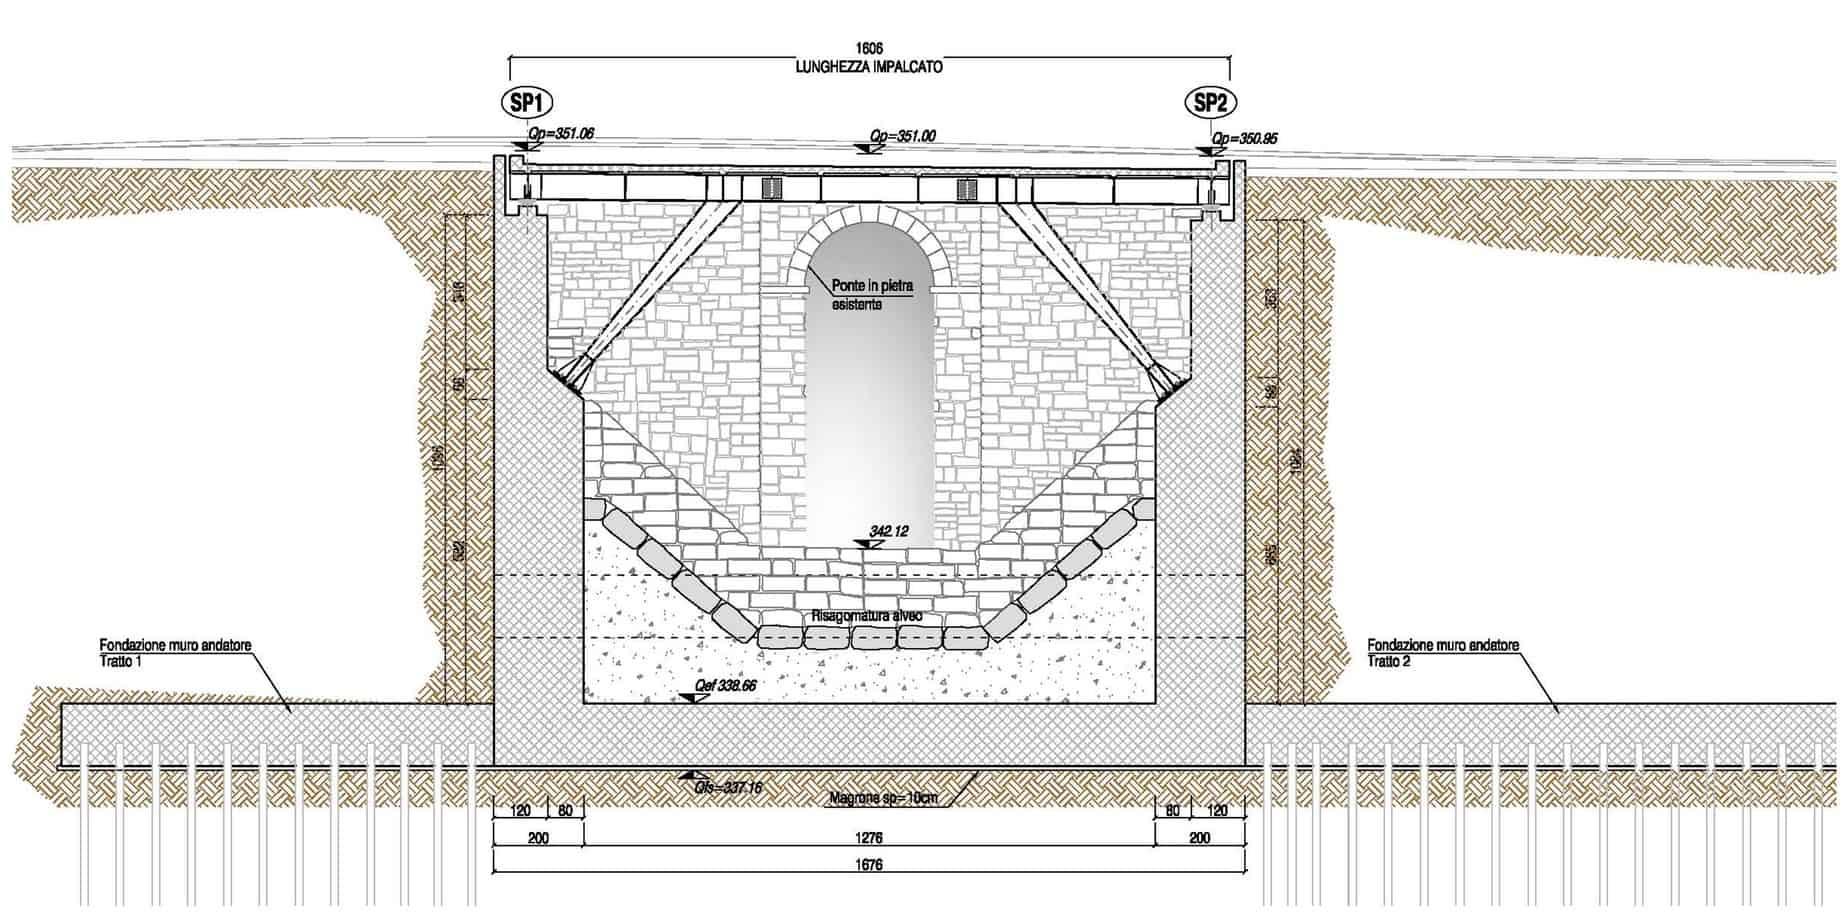 La sezione di adeguamento del ponte delle Streghe